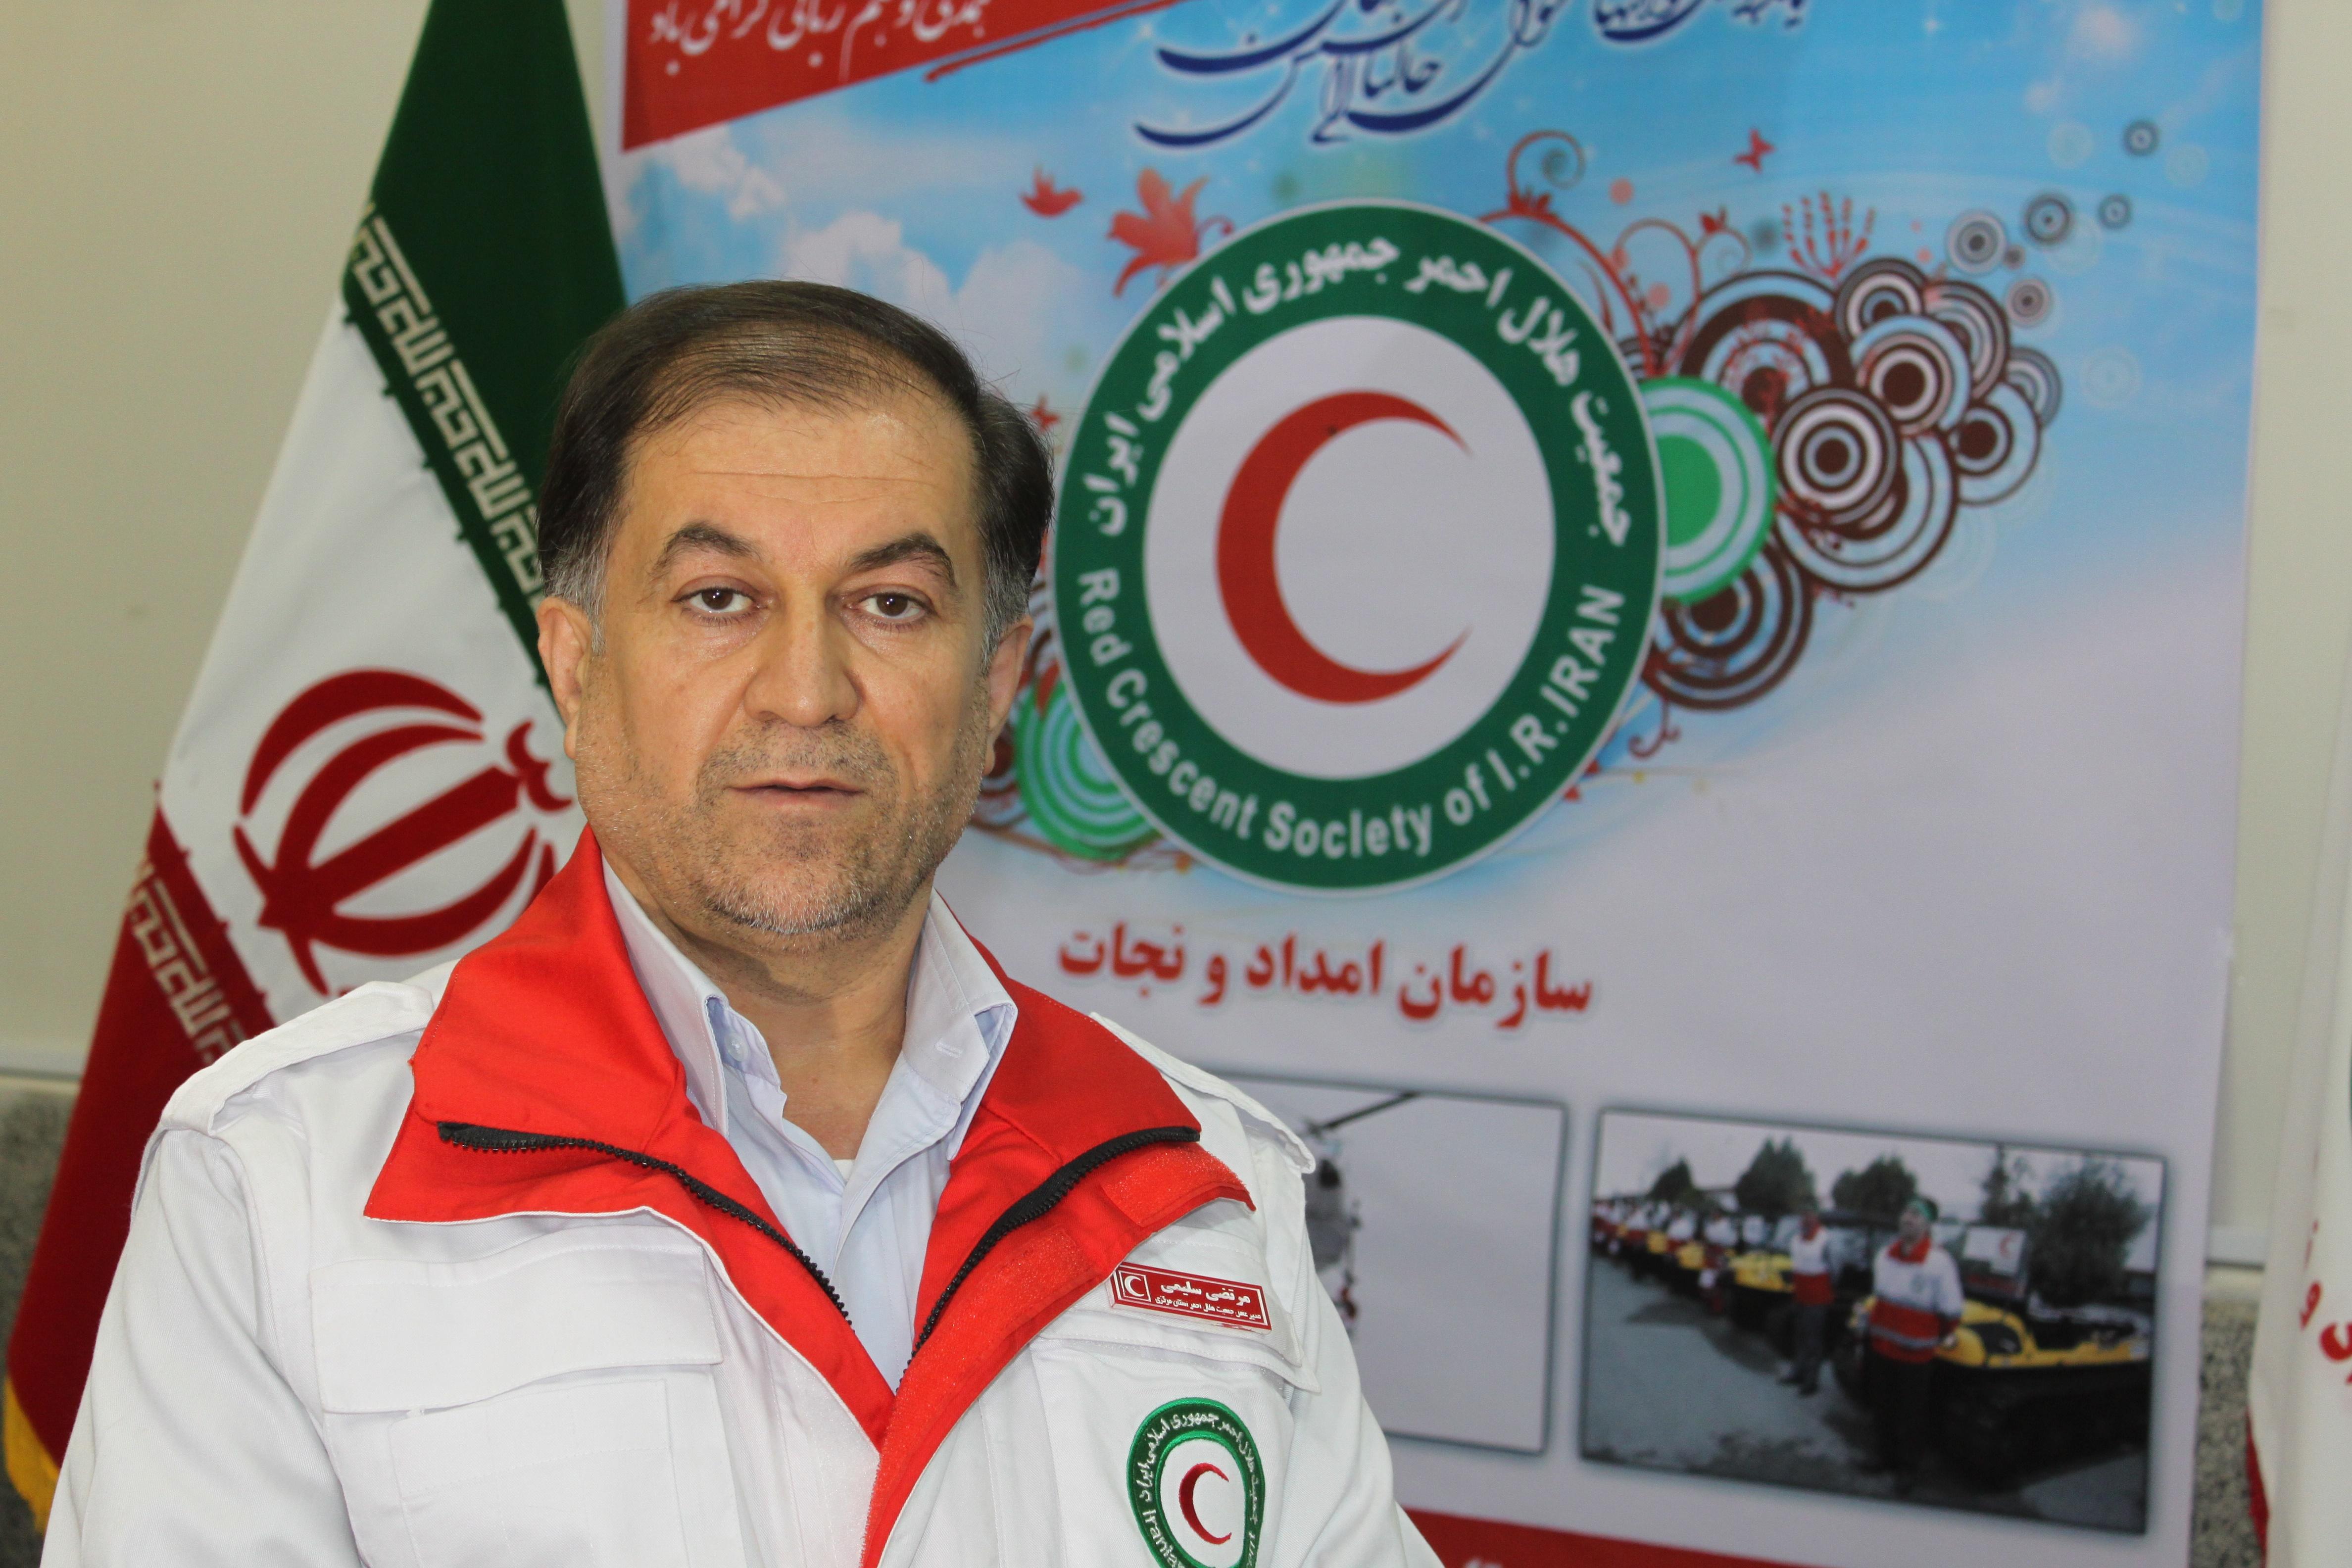 امداد رسانی جمعیت هلال احمر استان مرکزی به 593حادثه در شش ماه اول امسال